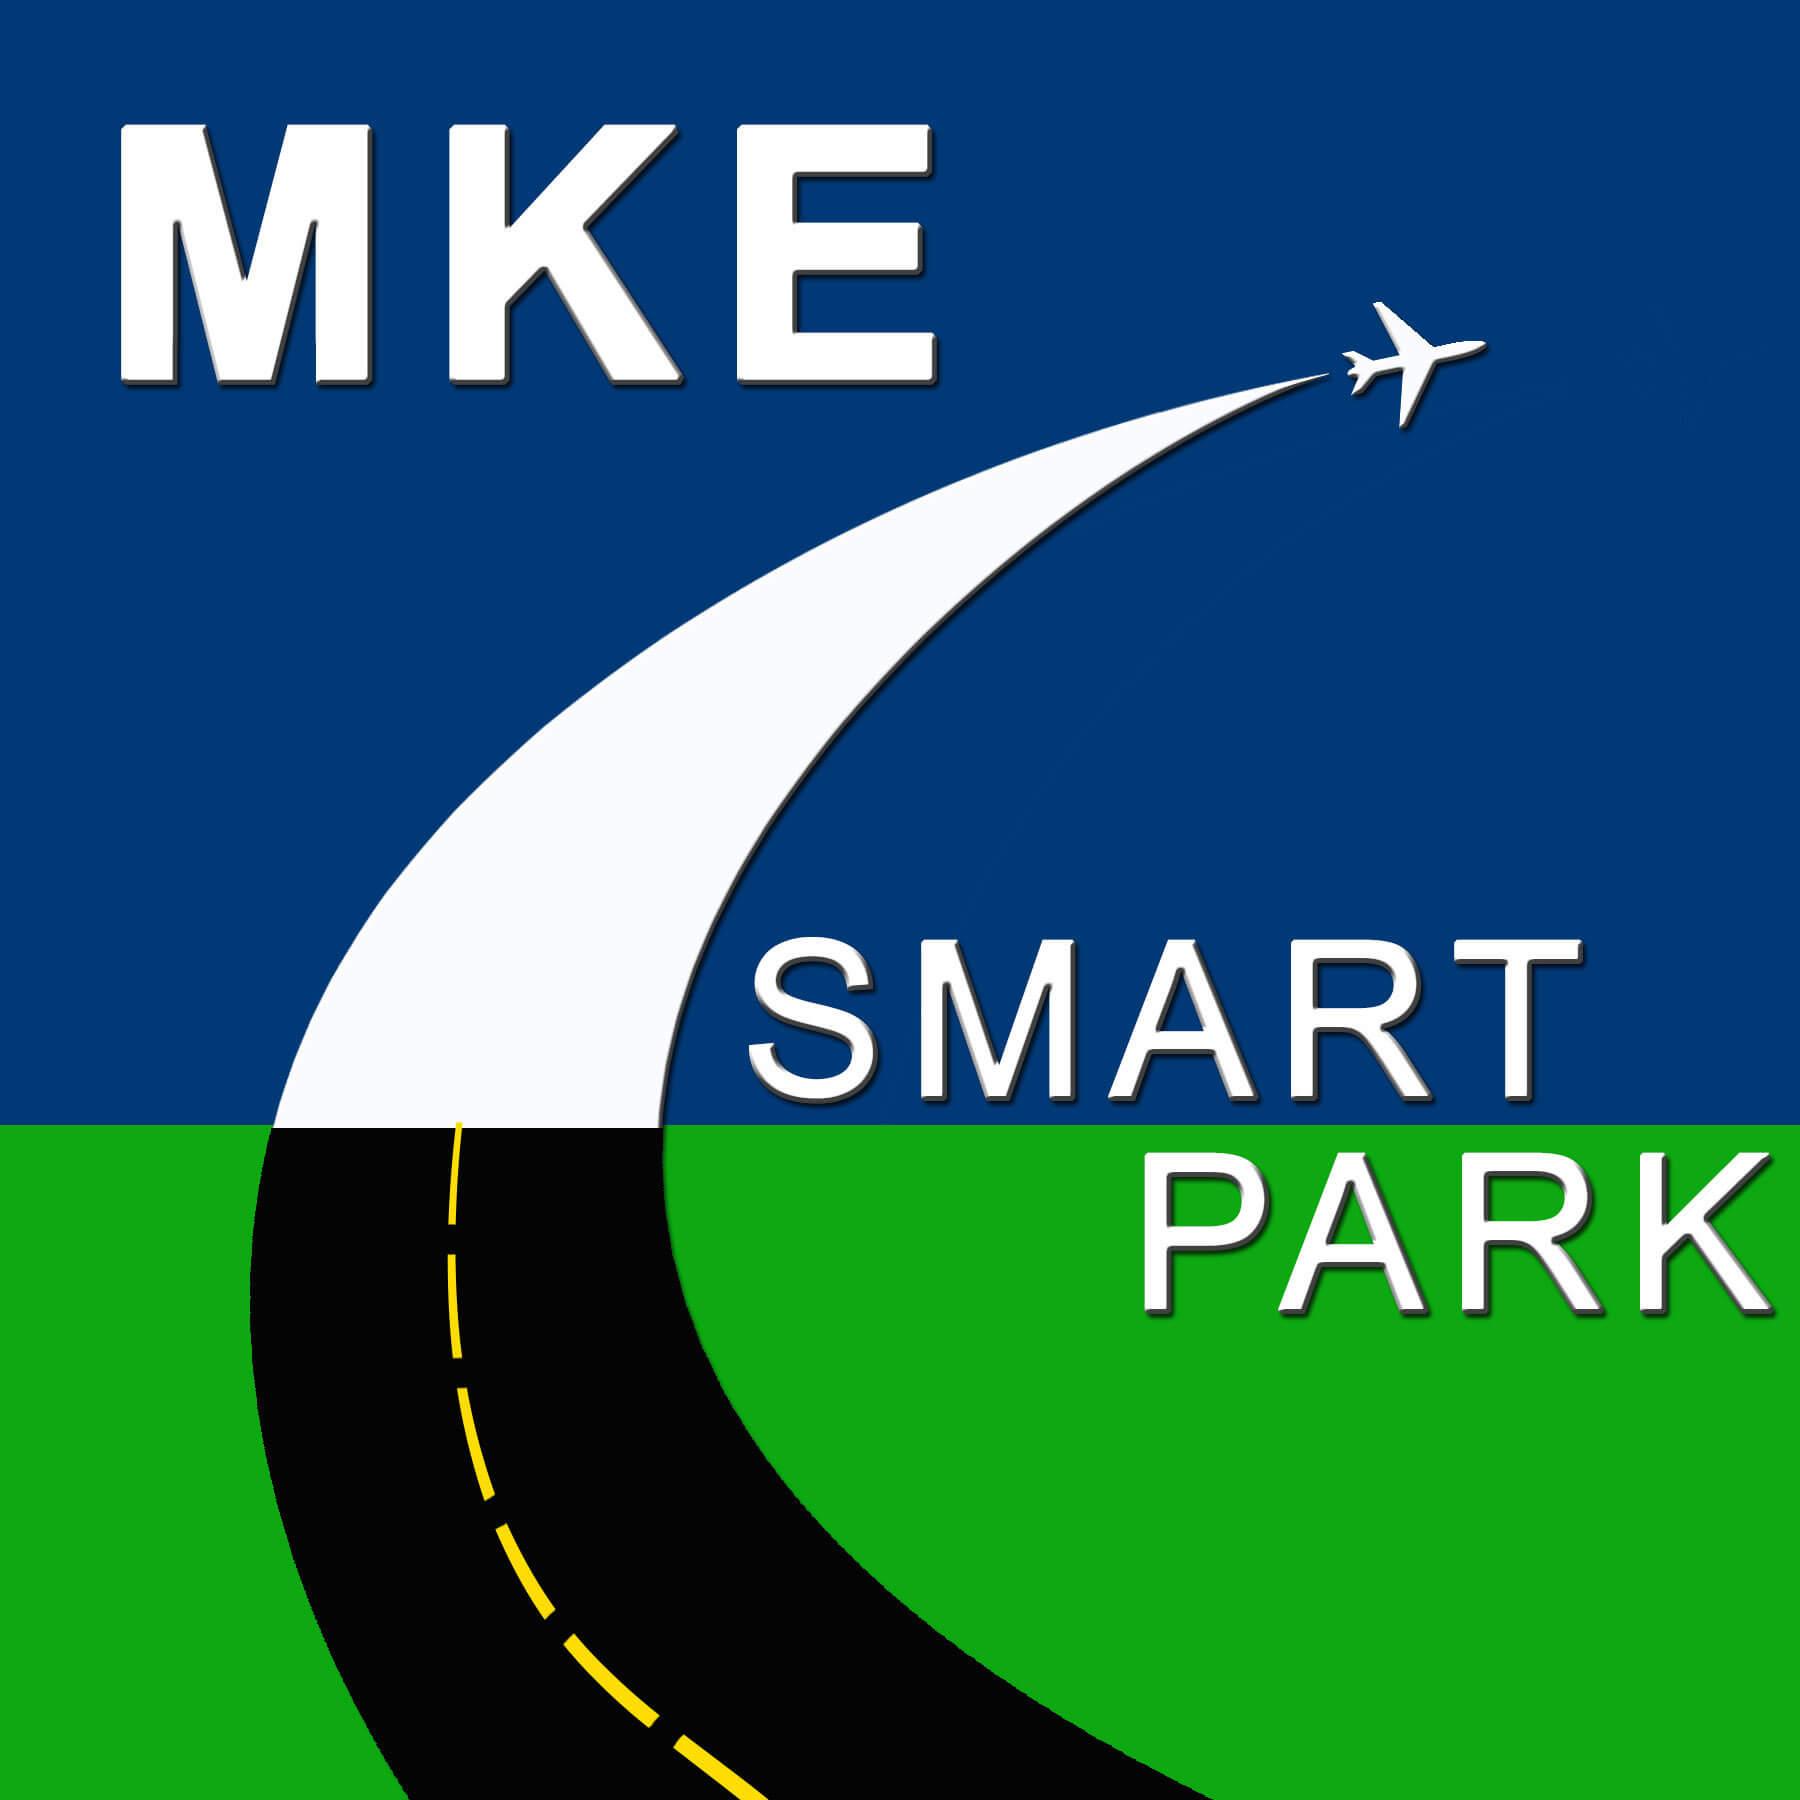 Mke-SmartPark.jpg